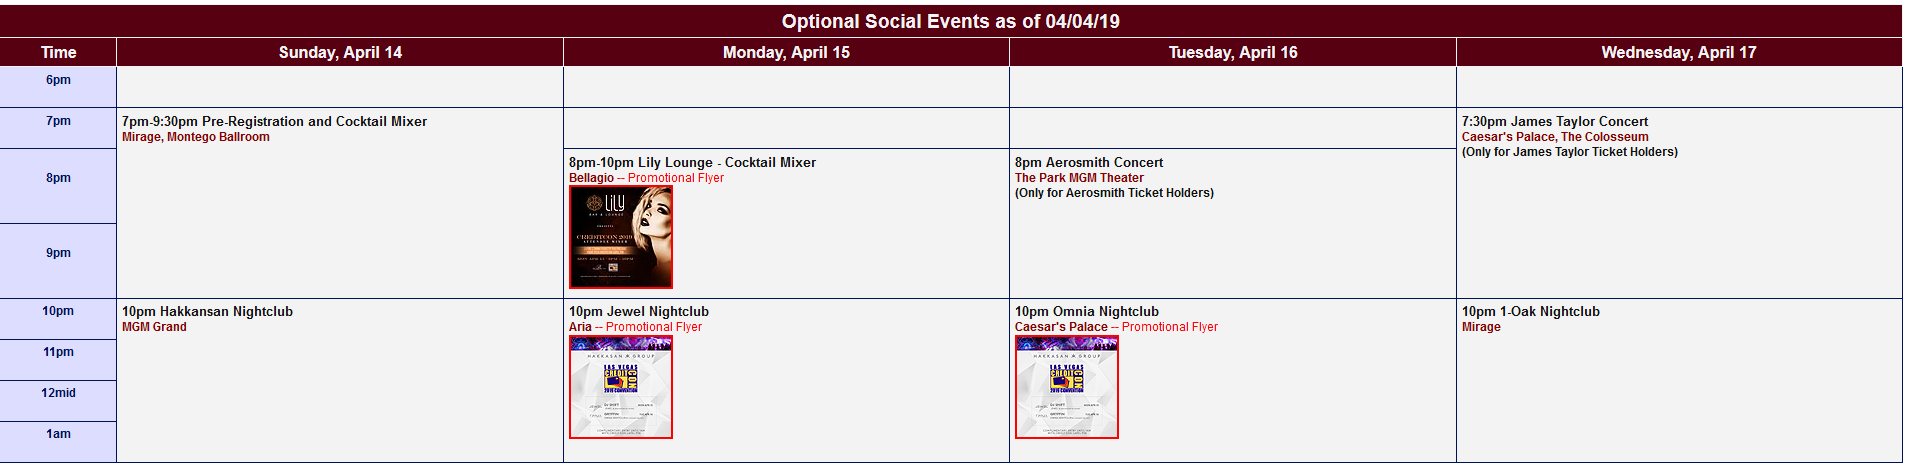 speaker schedule